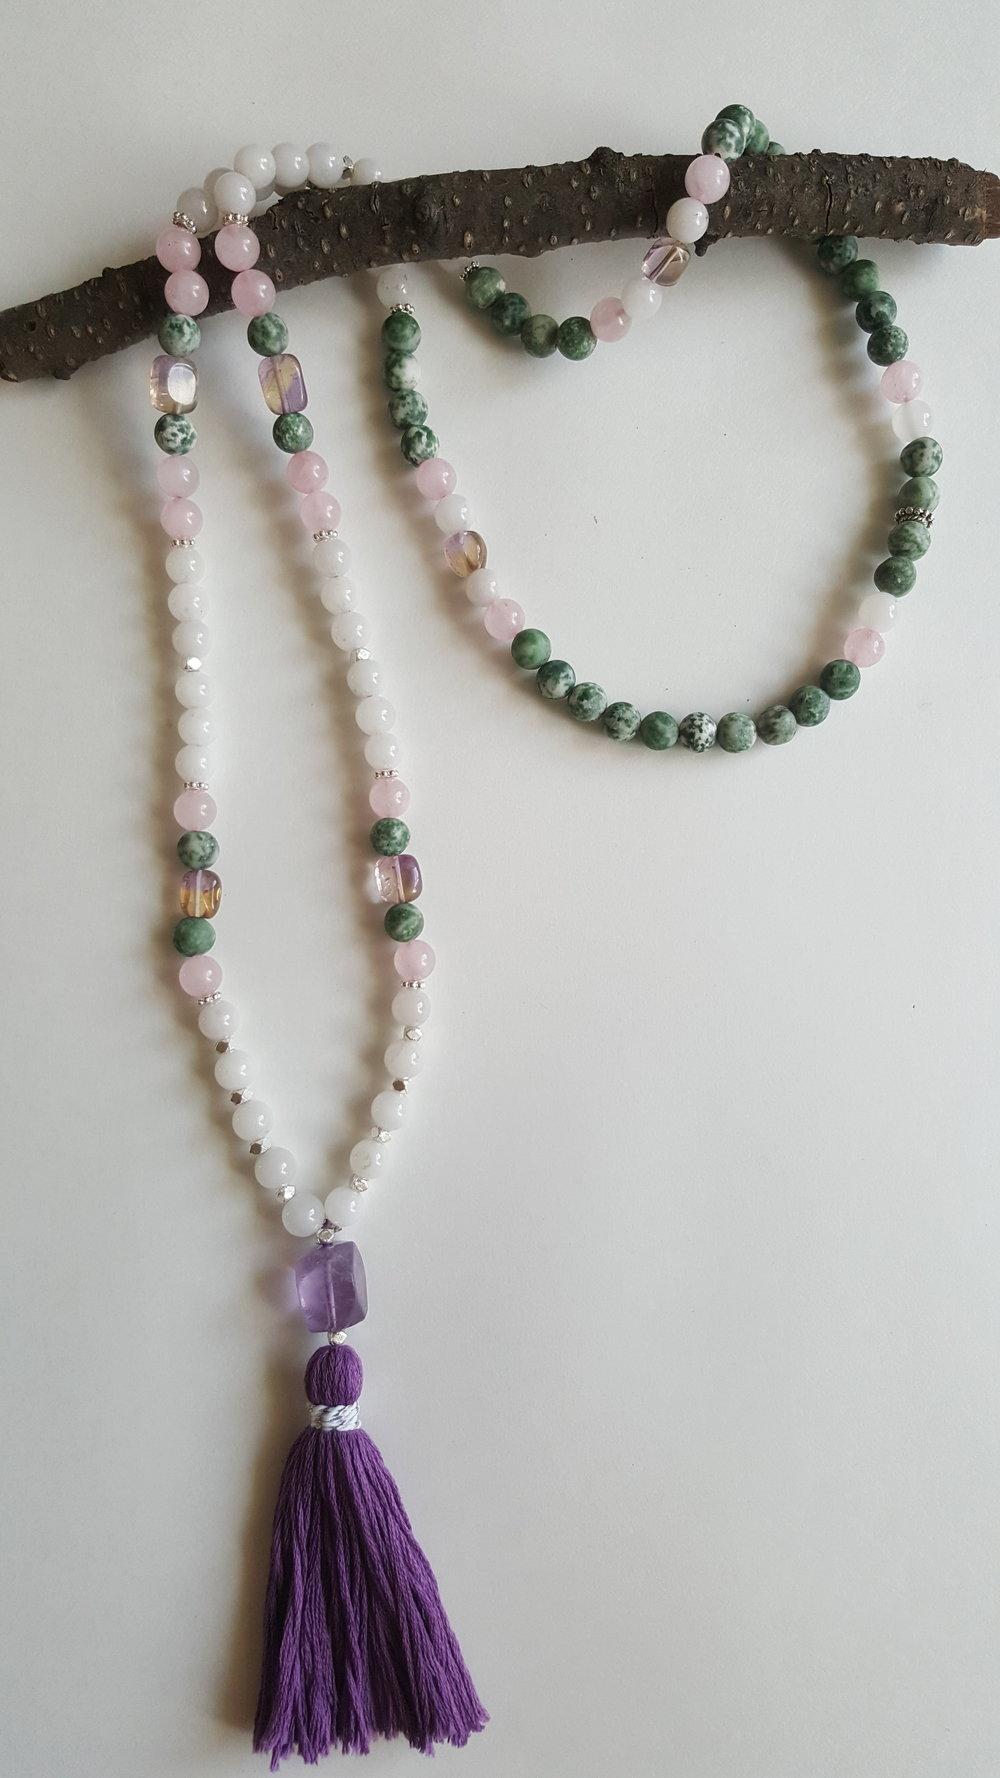 C L A R I T Y : white jade + rose quartz + amertrine + green spot stone + amethyst guru bead